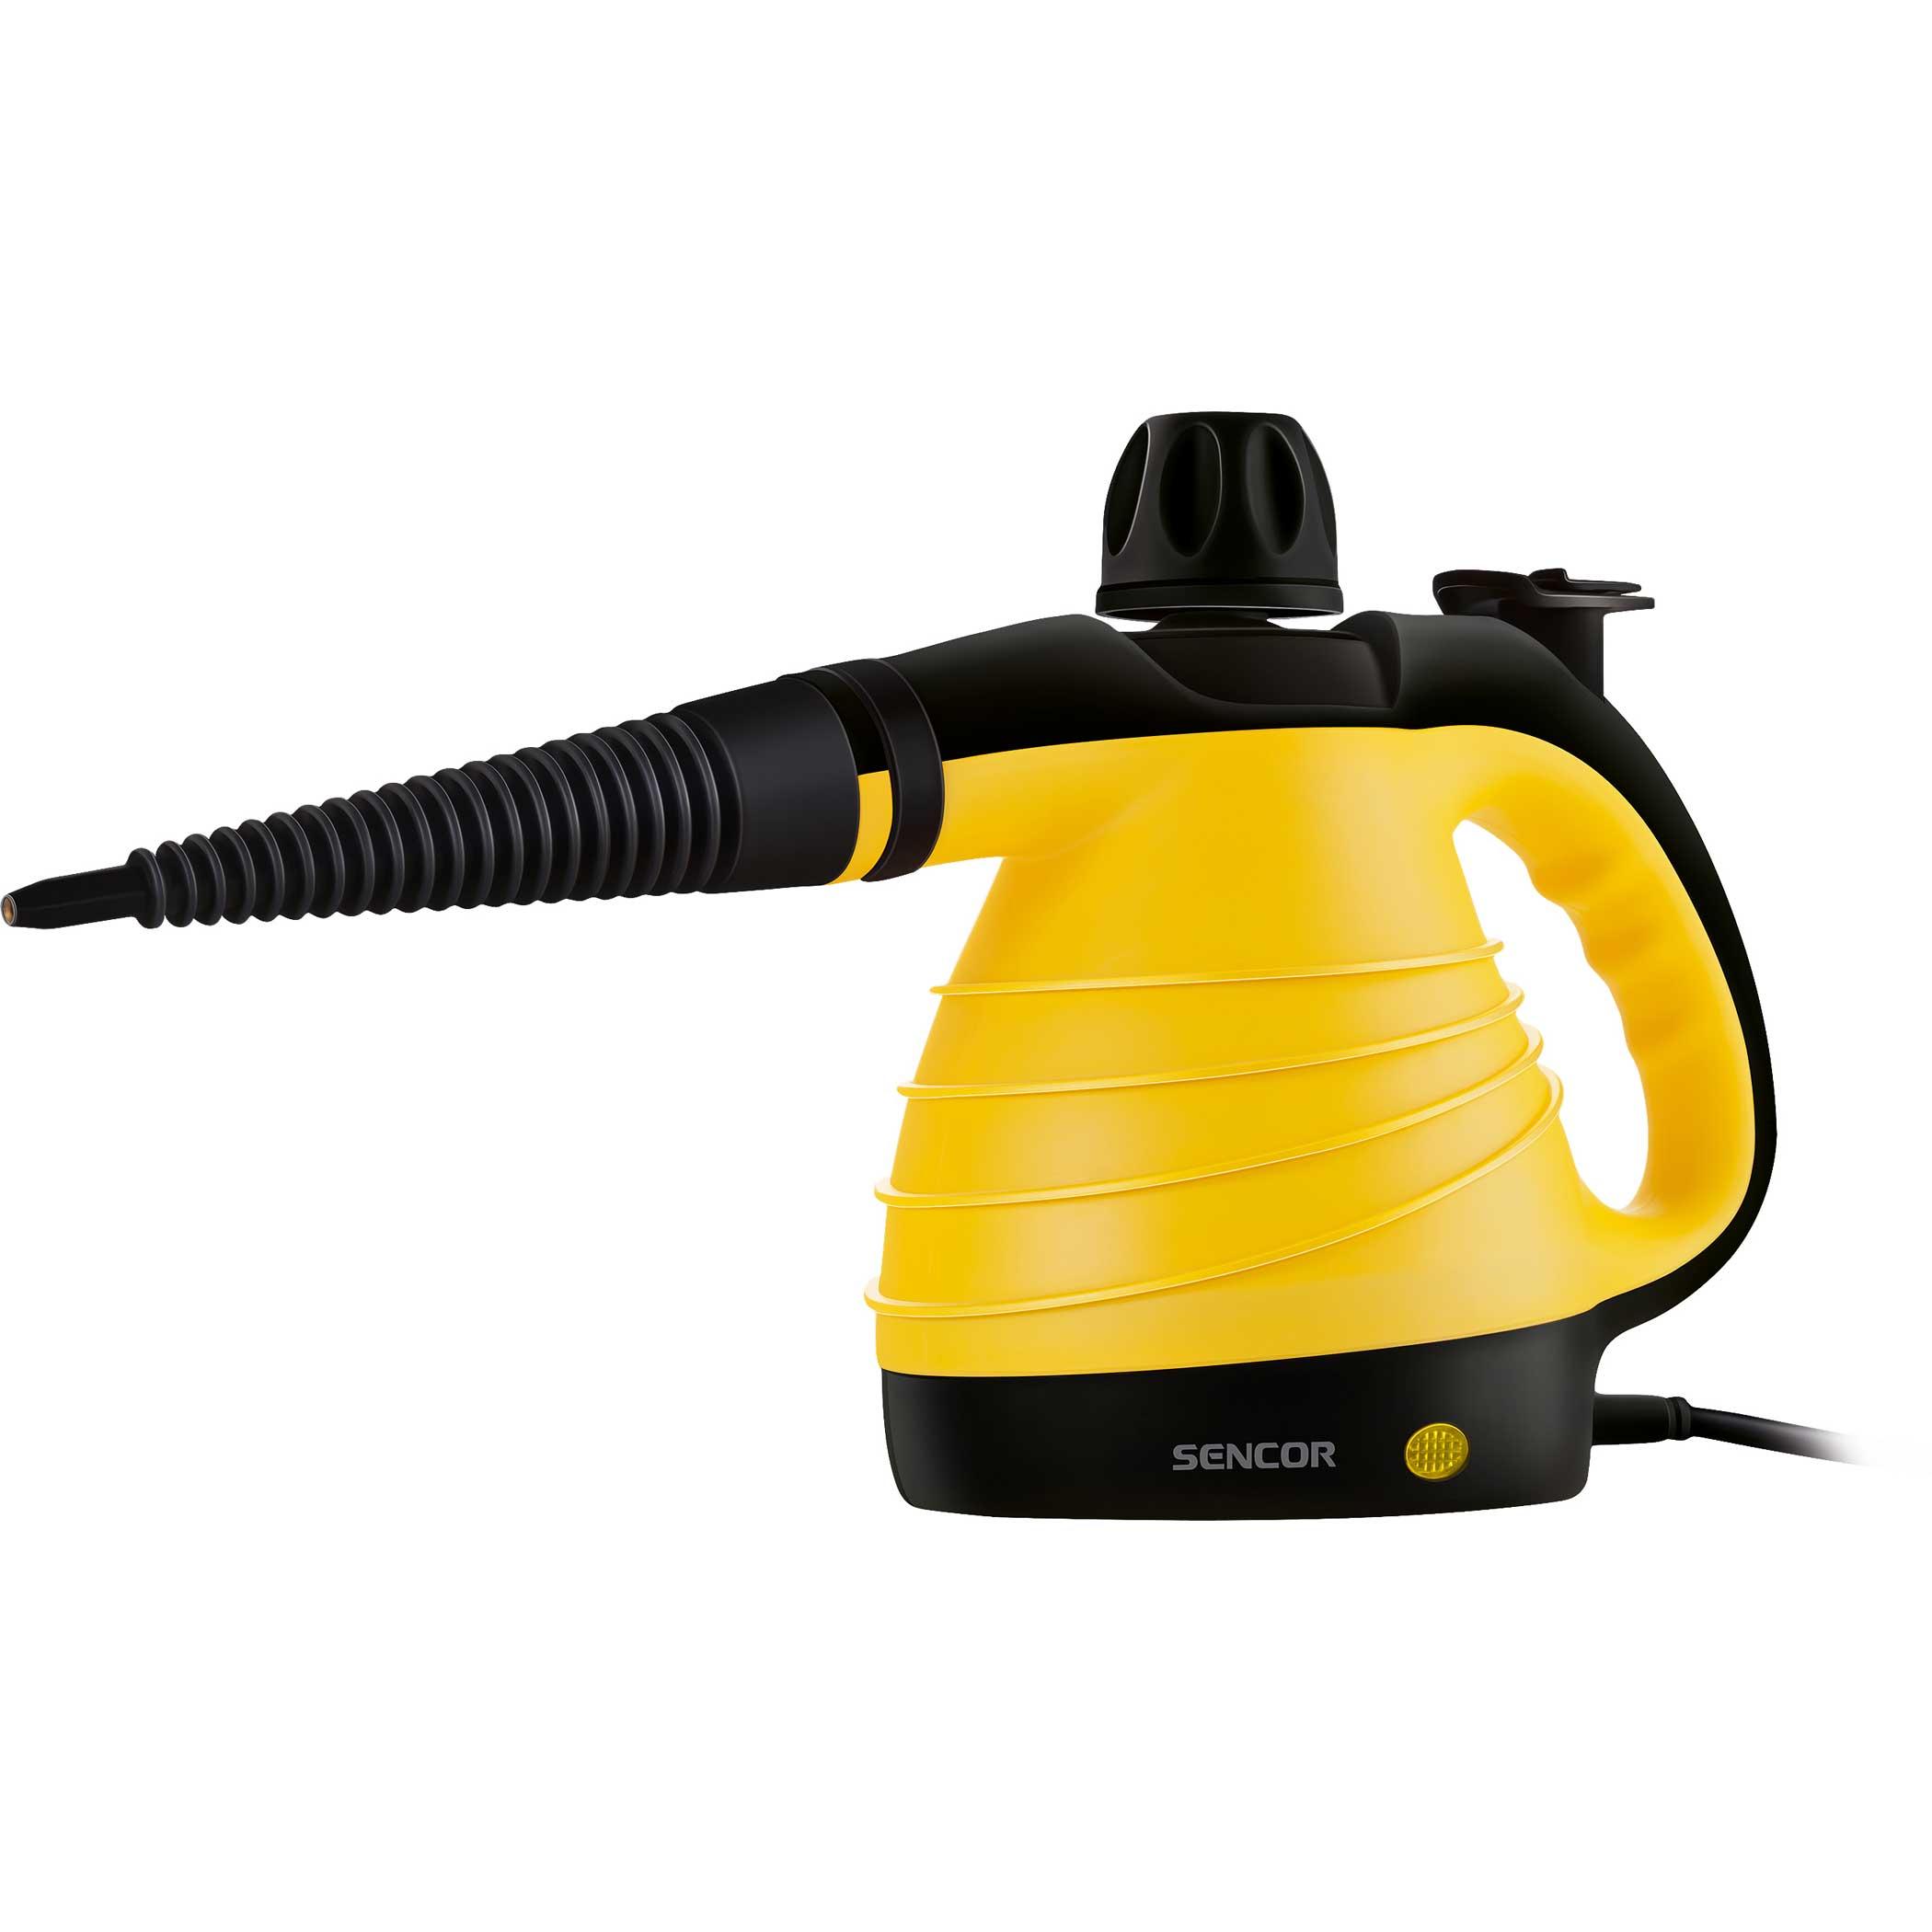 Пароочиститель Sencor SSC 3001 Yellow